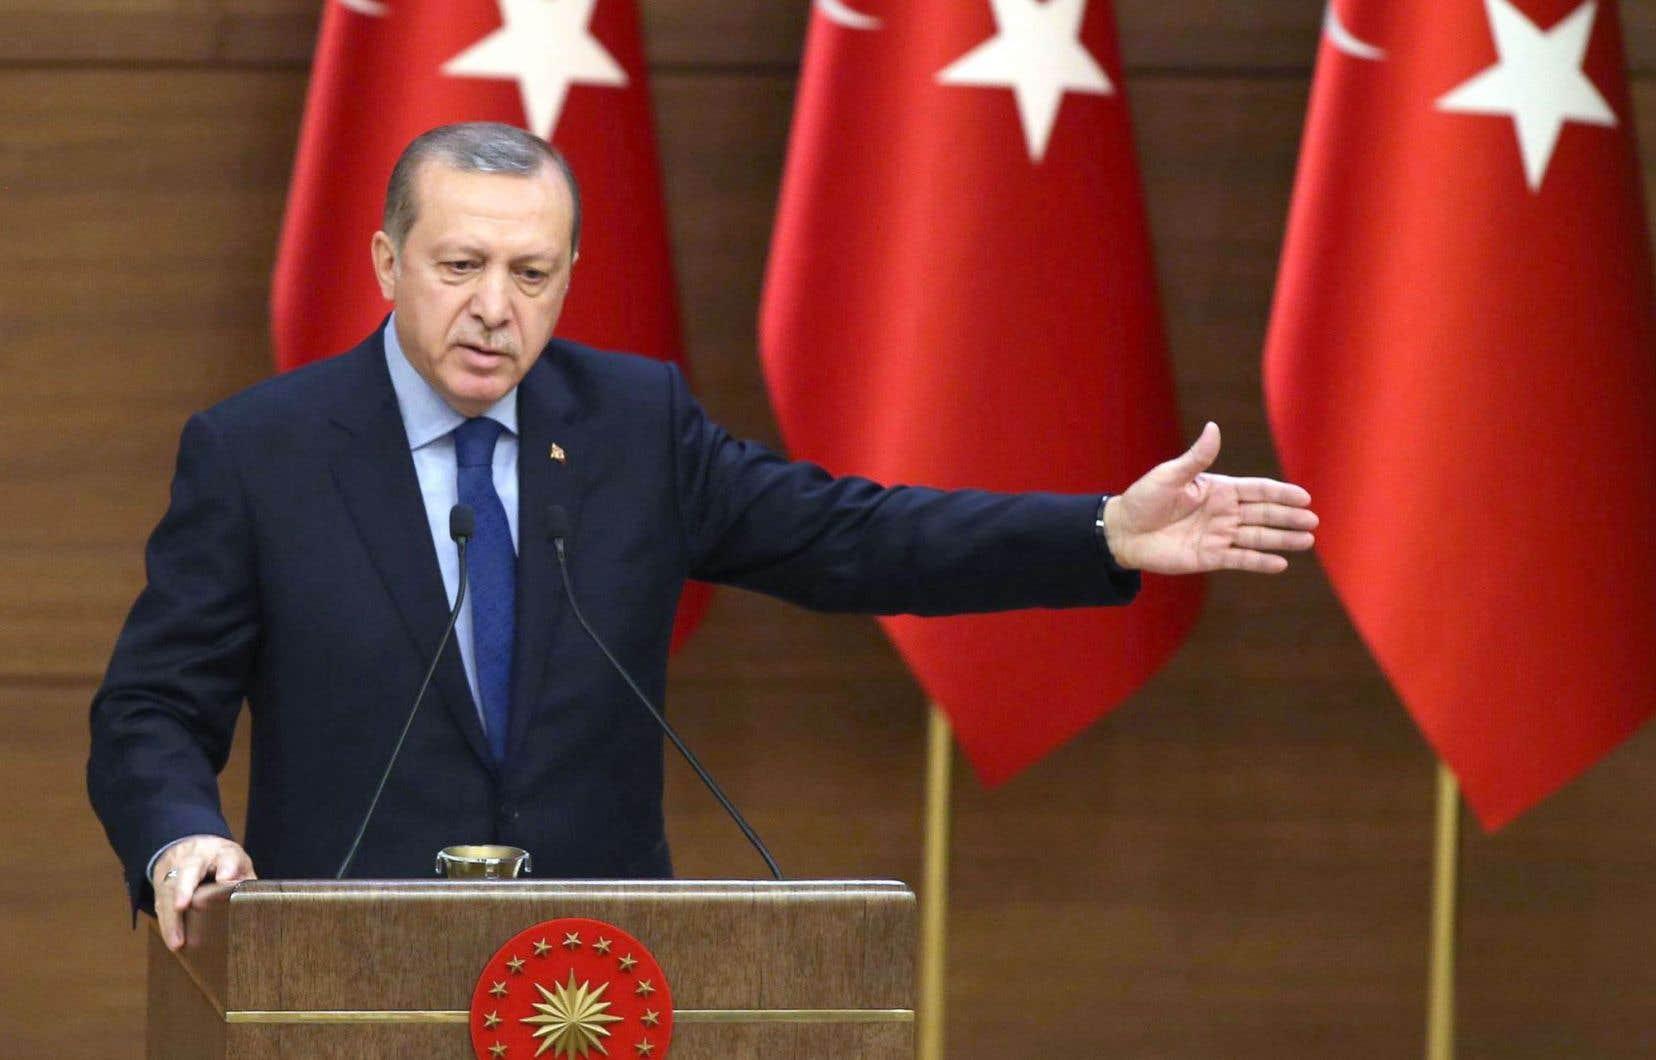 Les pays qui ont des populistes à leur tête ont tendance à perdre des points au classement de Transparency International. La Turquie de Recep Tayyip Erdogan en est un exemple.